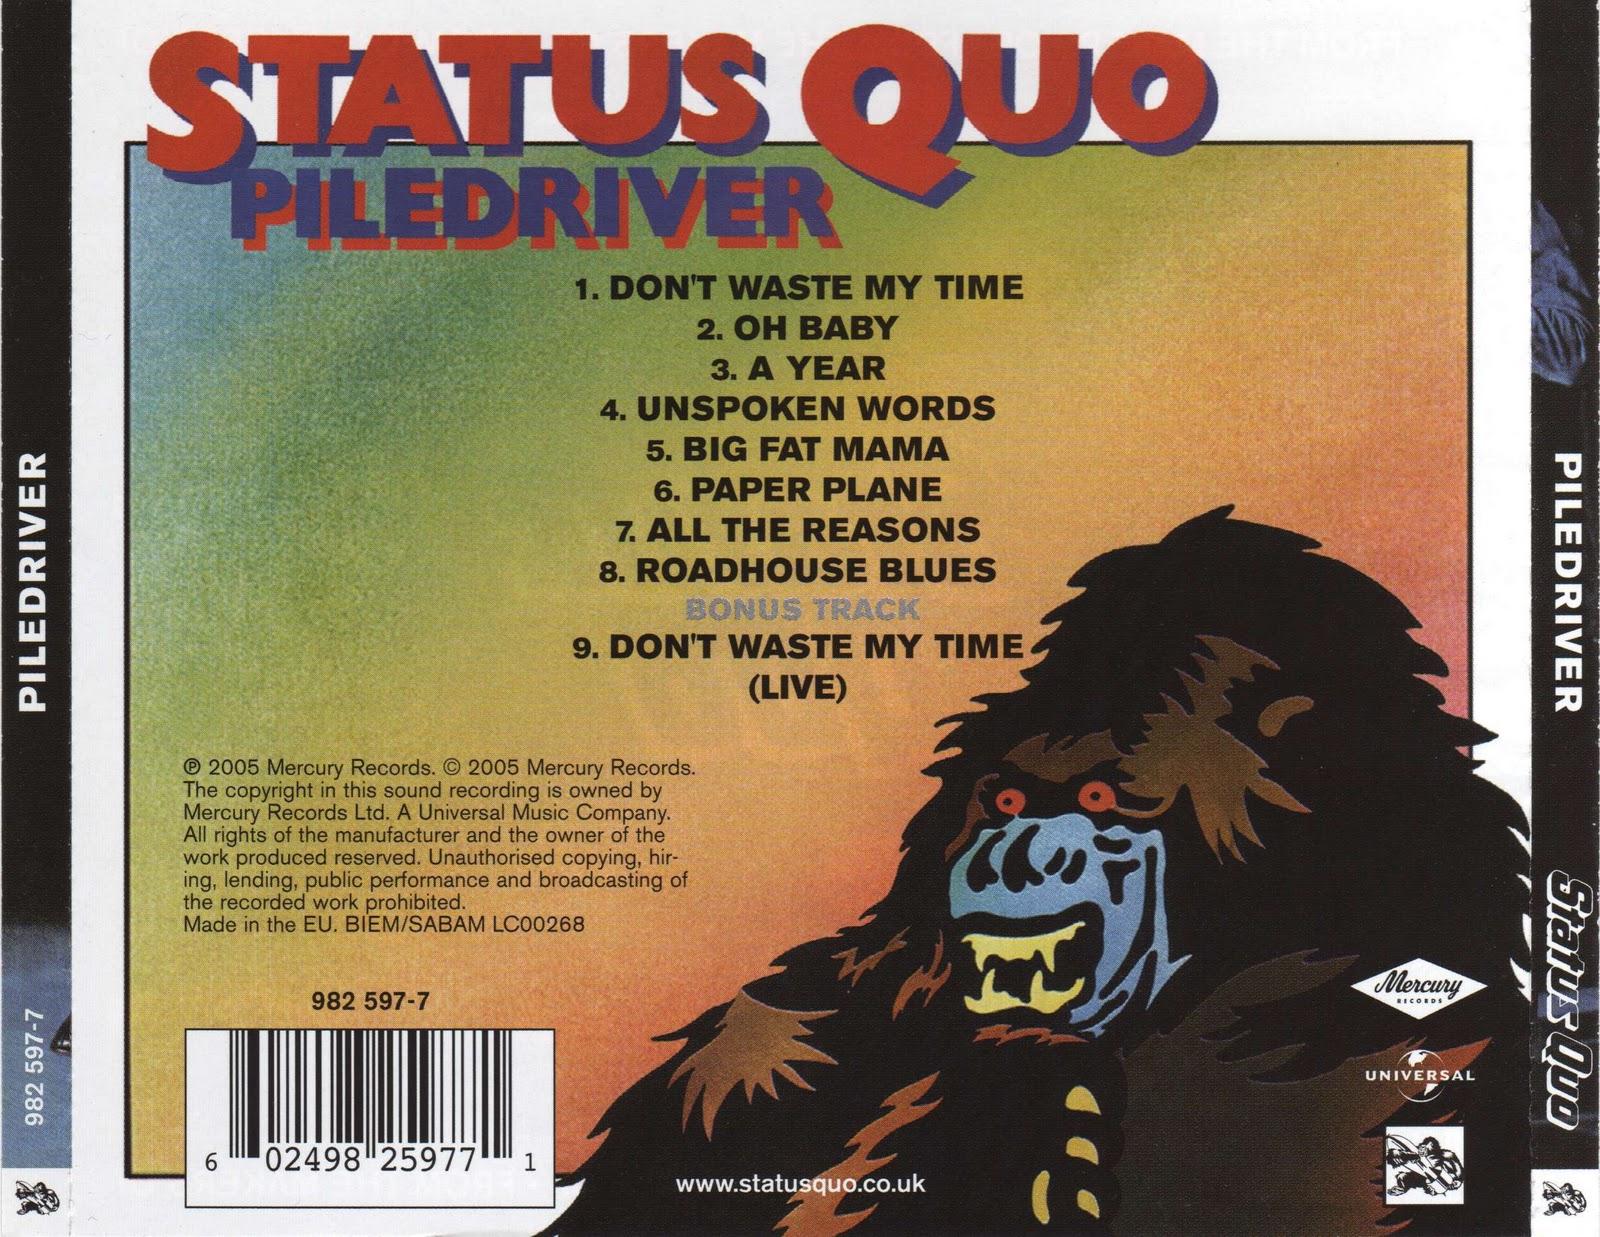 Status Quo Piledriver